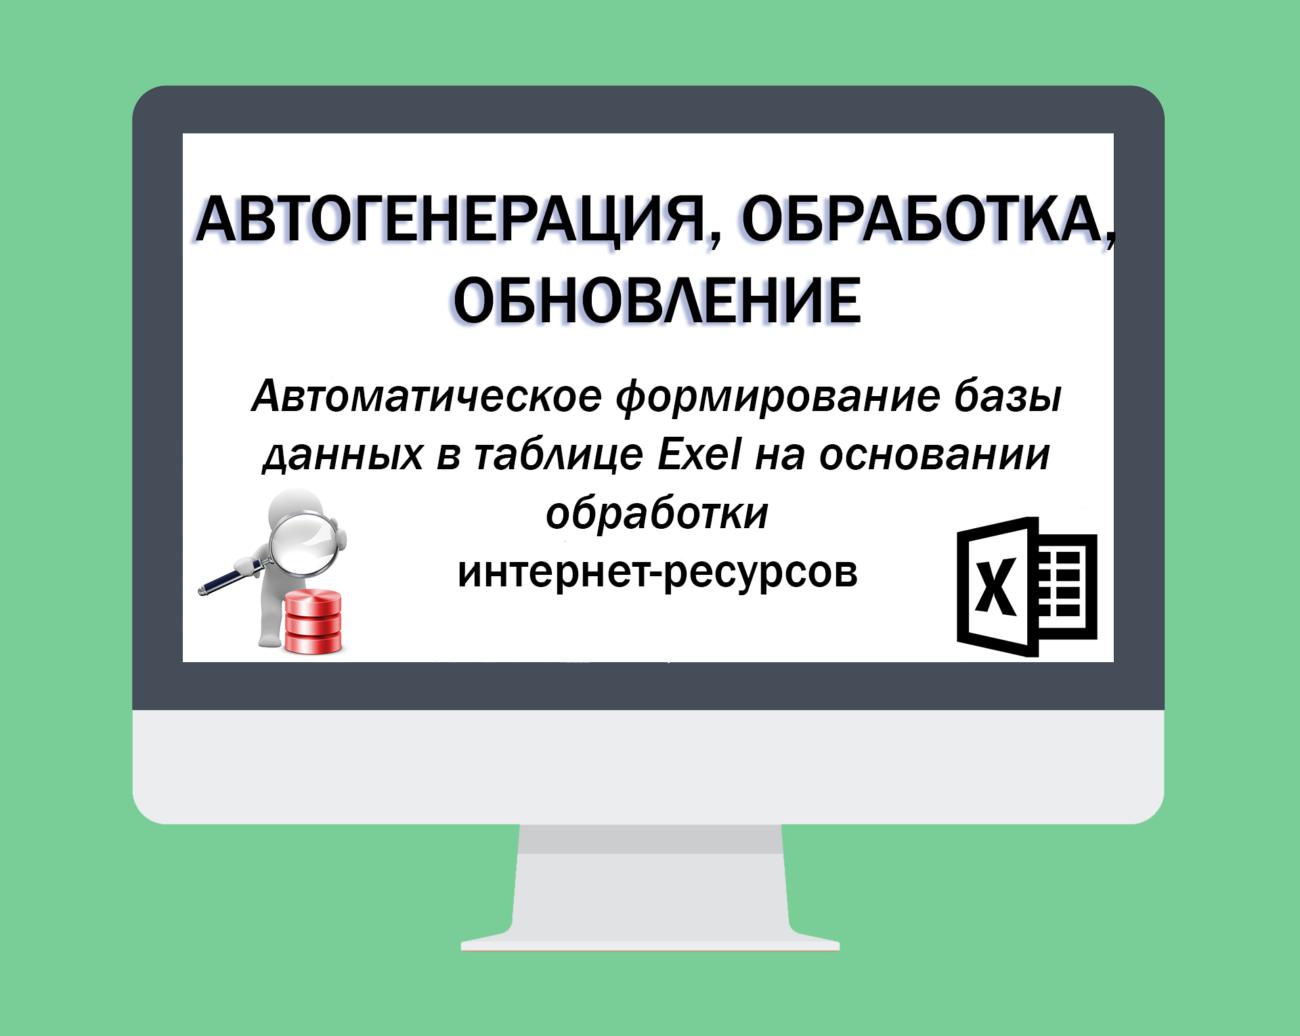 Автоматическое формирование базы данных в таблице Exel на основании обработки интернет-ресурсов